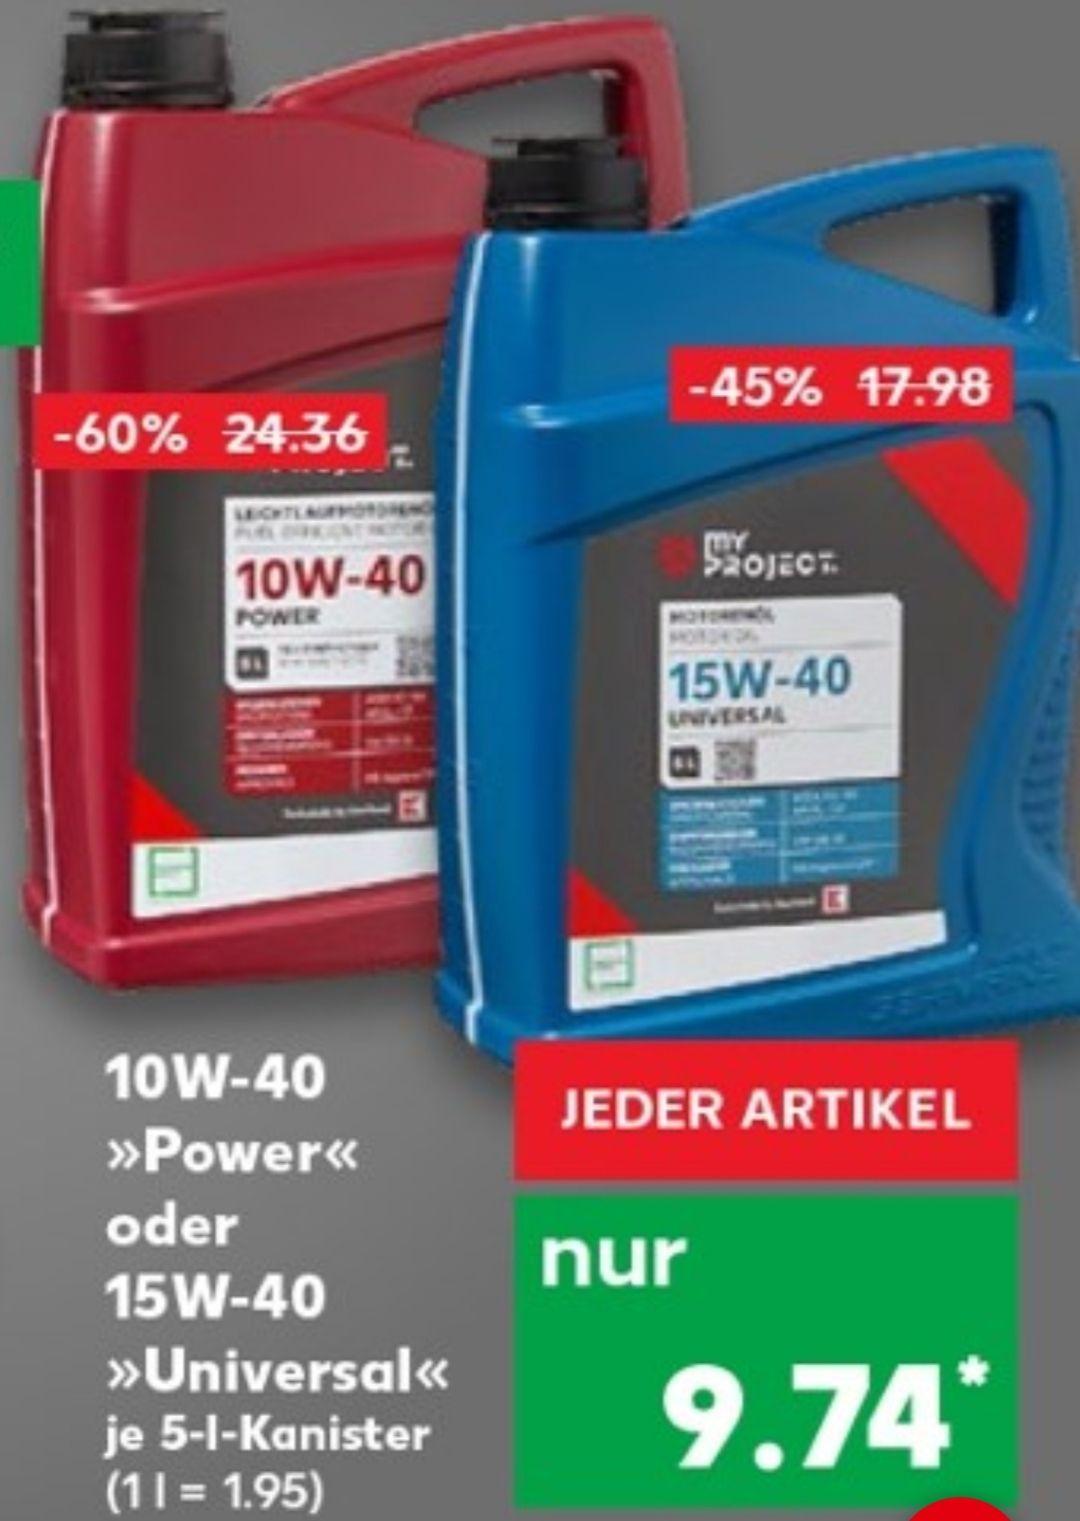 5 Liter Motoröl 10W-40 oder 15W-40 für 9,74€ statt 24,36€ bzw. 17,98€ Kaufland